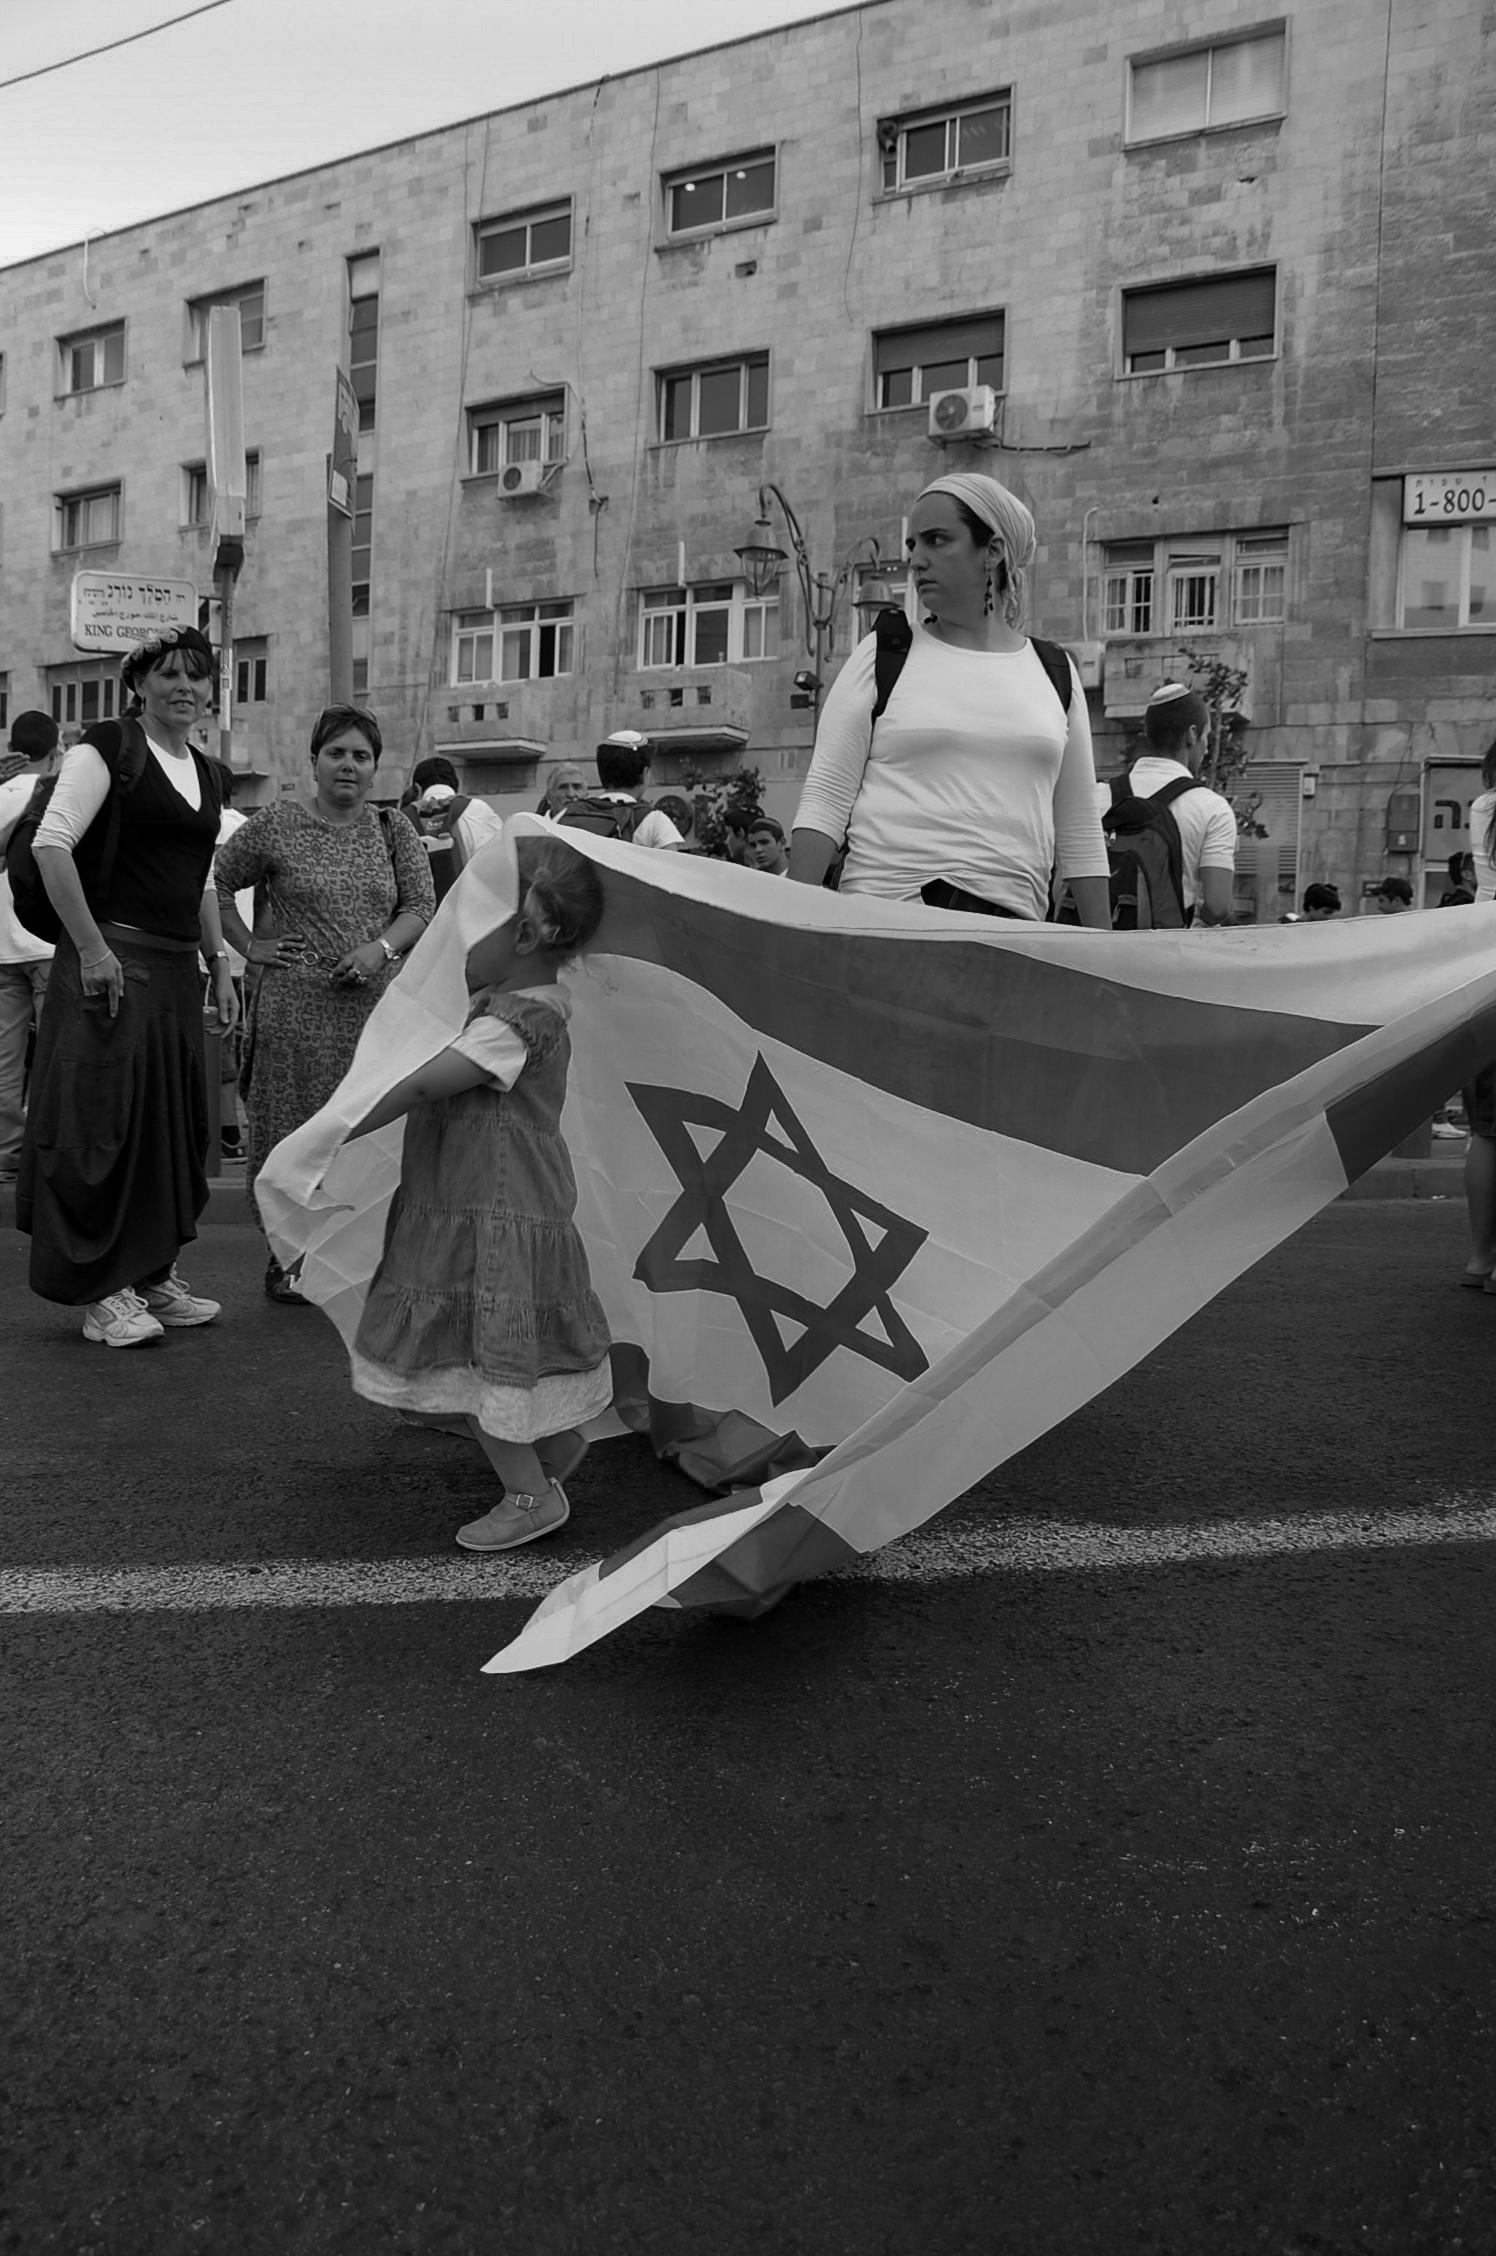 Israel_RCerrotti-011.jpg